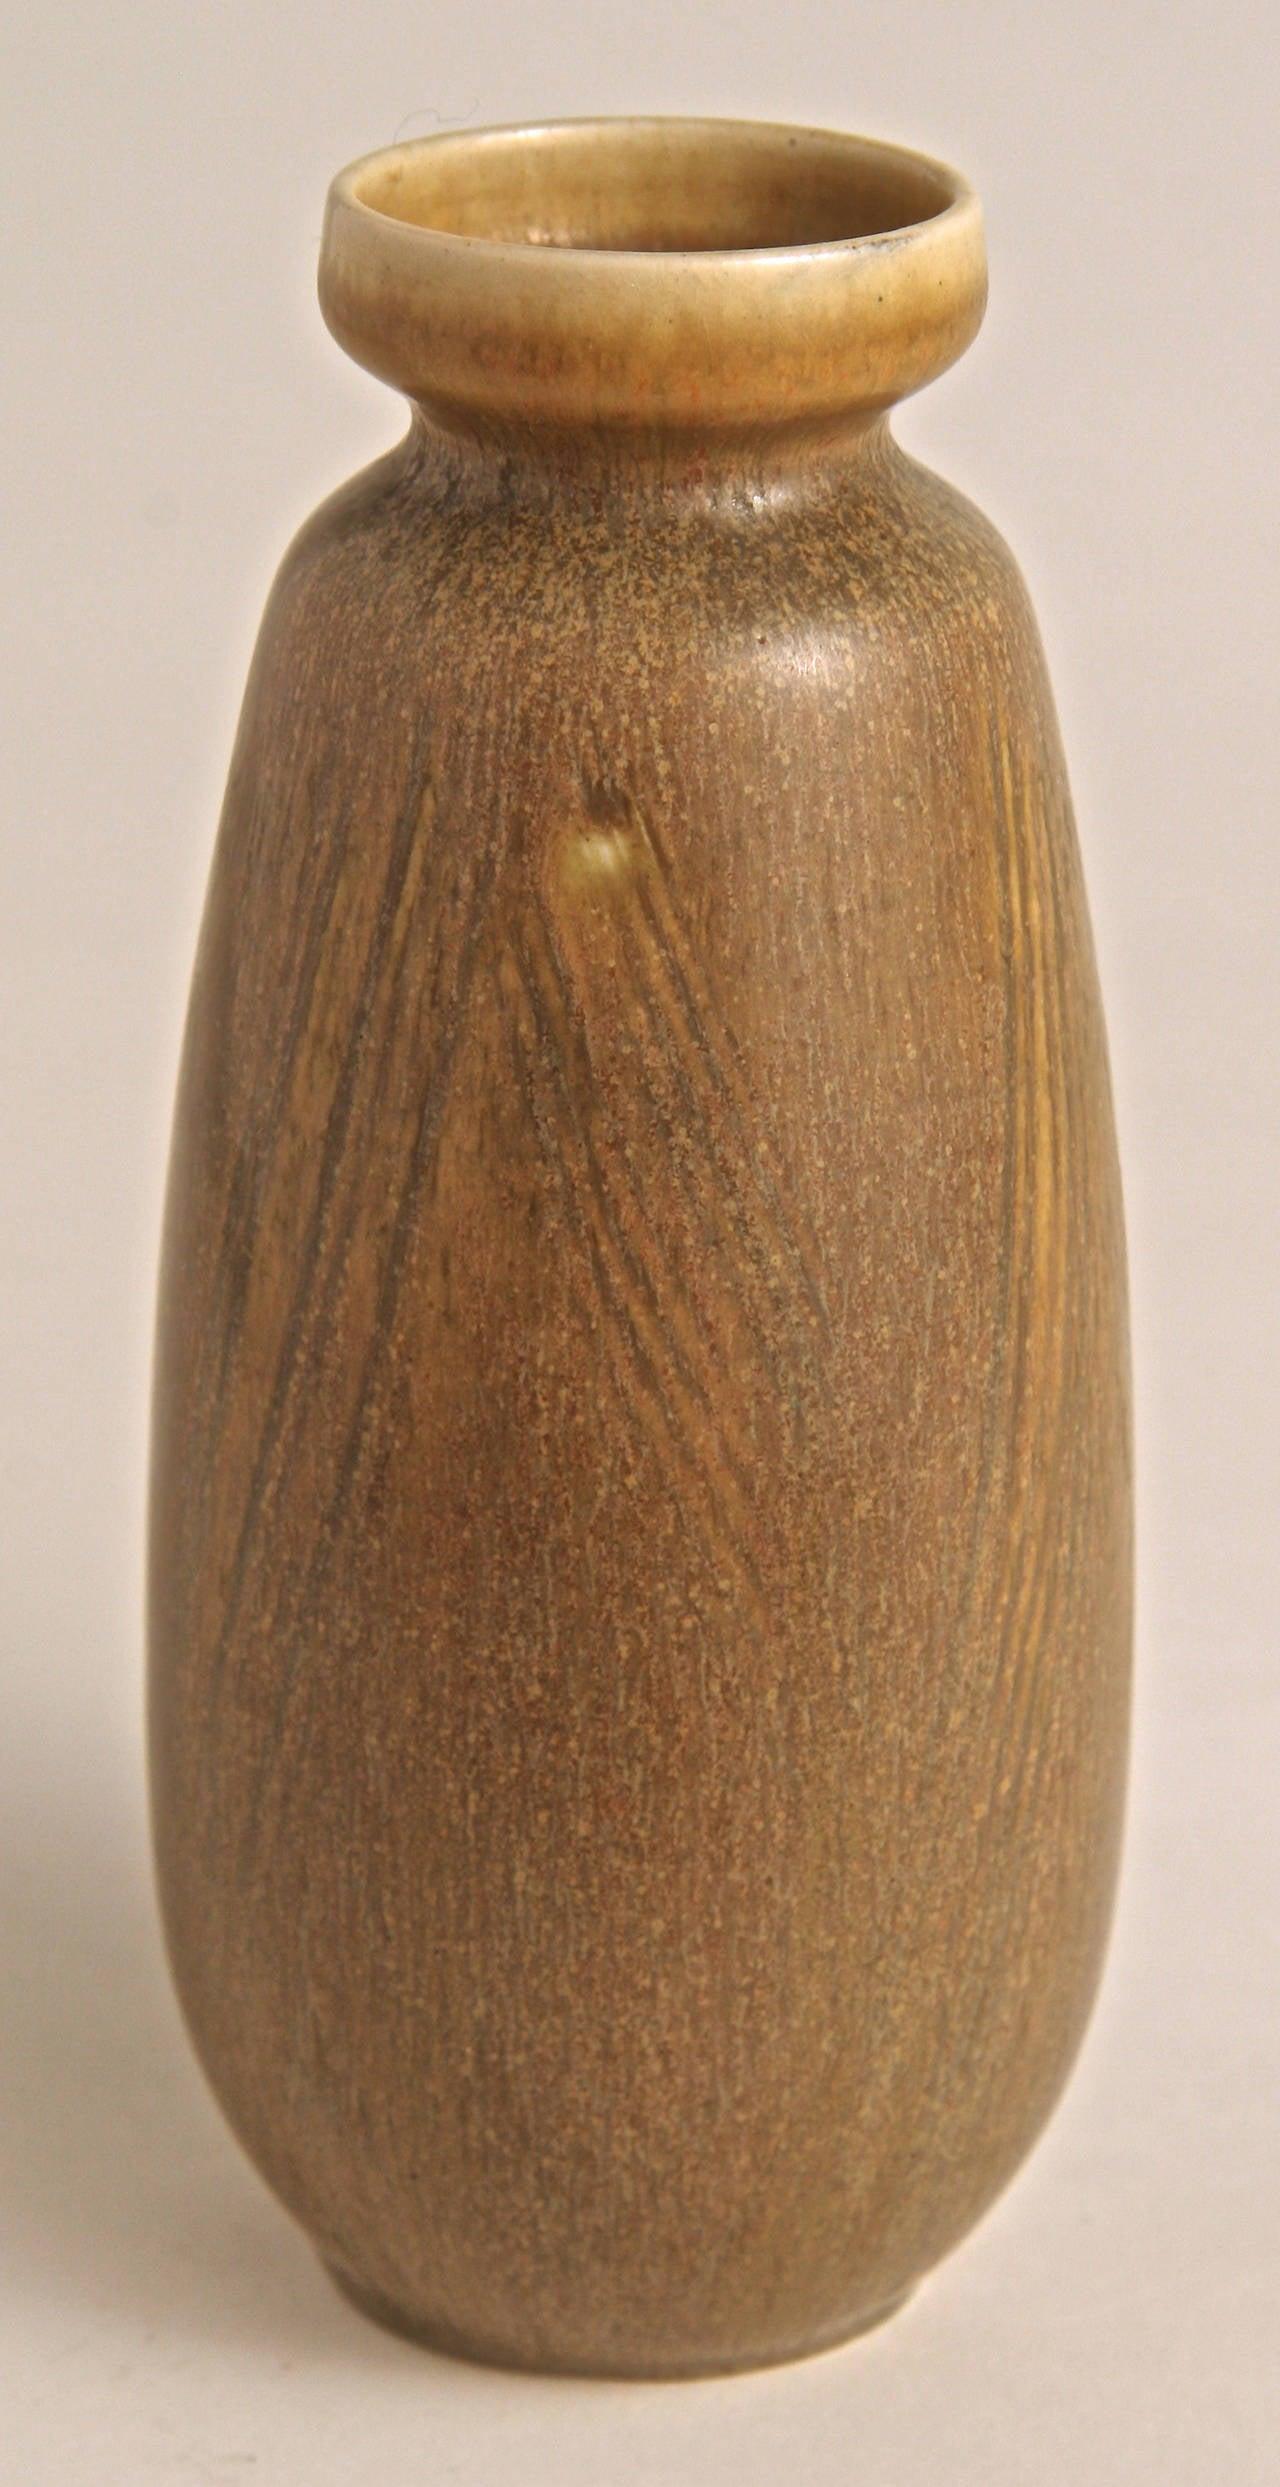 Scandinavian Modern Stoneware Vase by Eva Staehr Nielsen for Saxbo, Denmark, 1950s For Sale